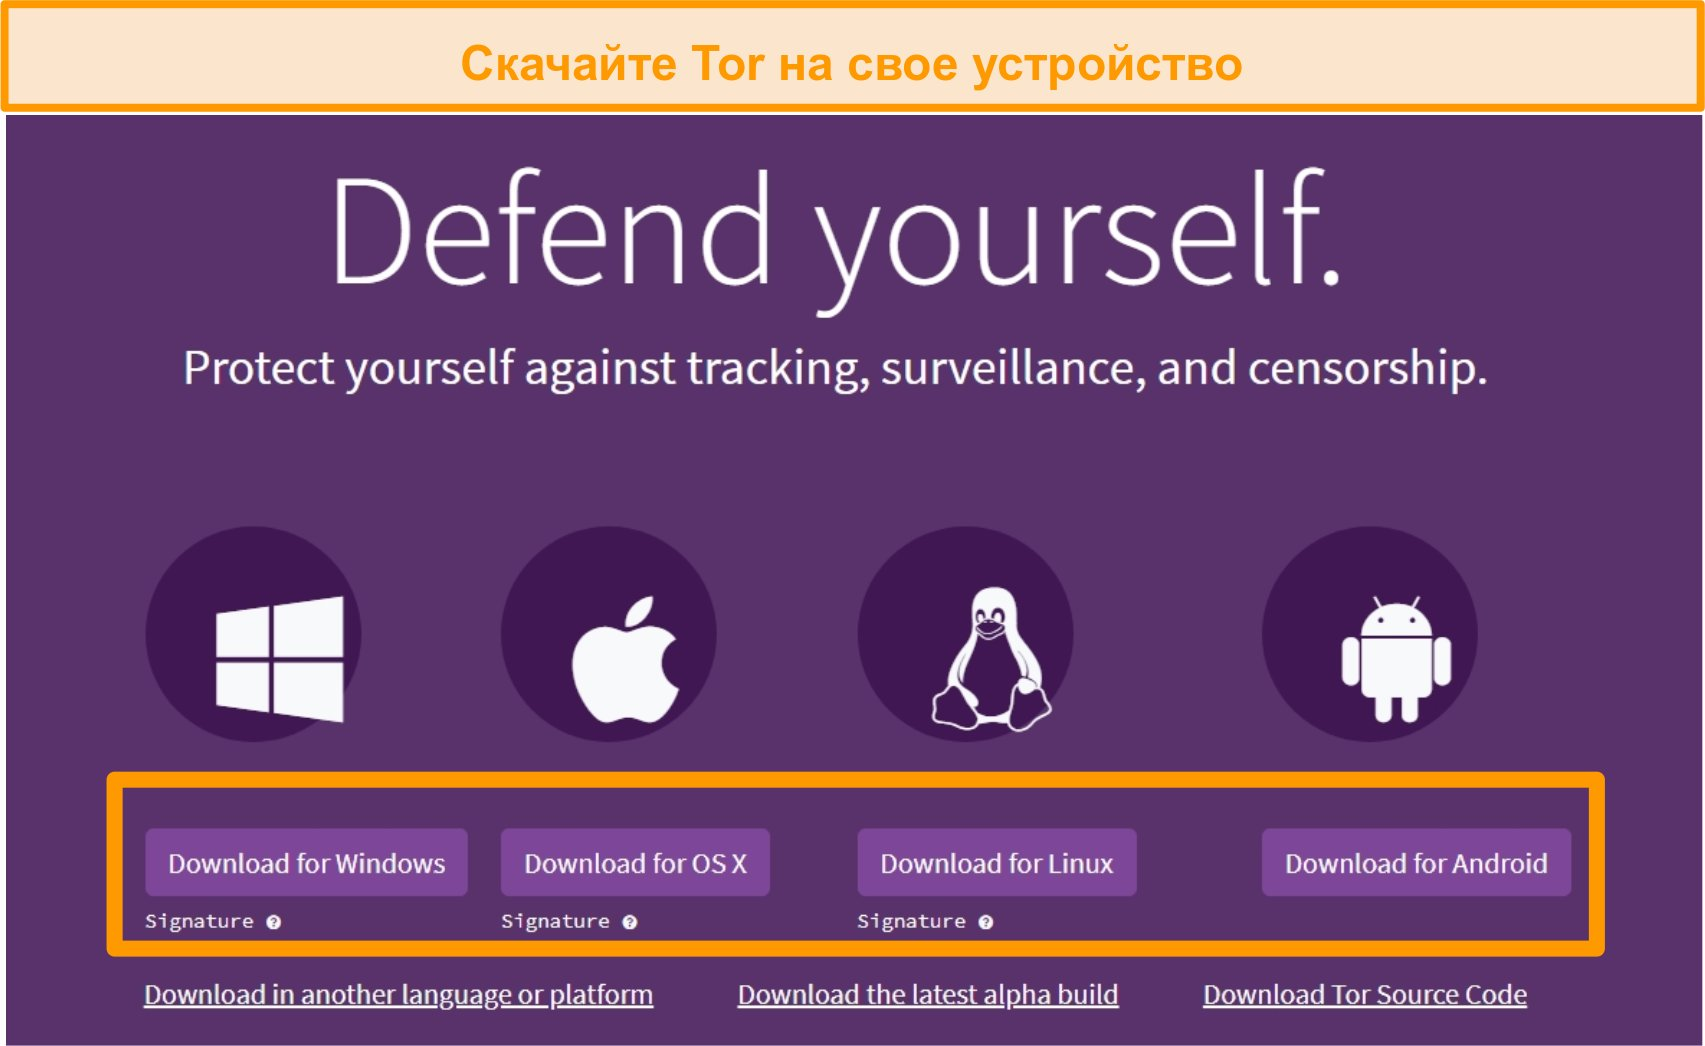 Снимок экрана: обзор страницы загрузки проекта Tor